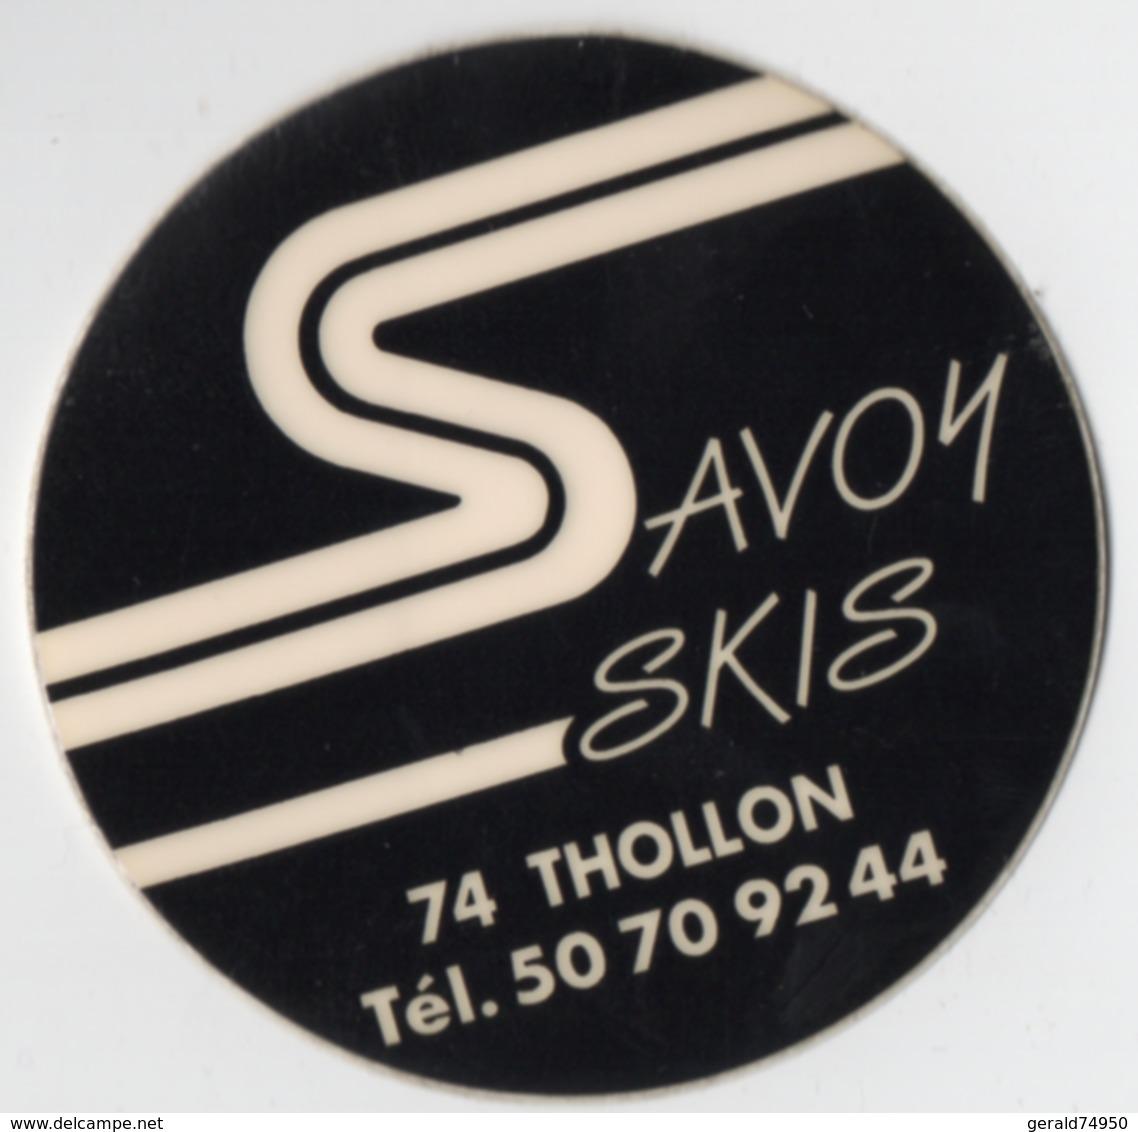 Autocollant Savoy Skis Thollon (74) - Autocollants